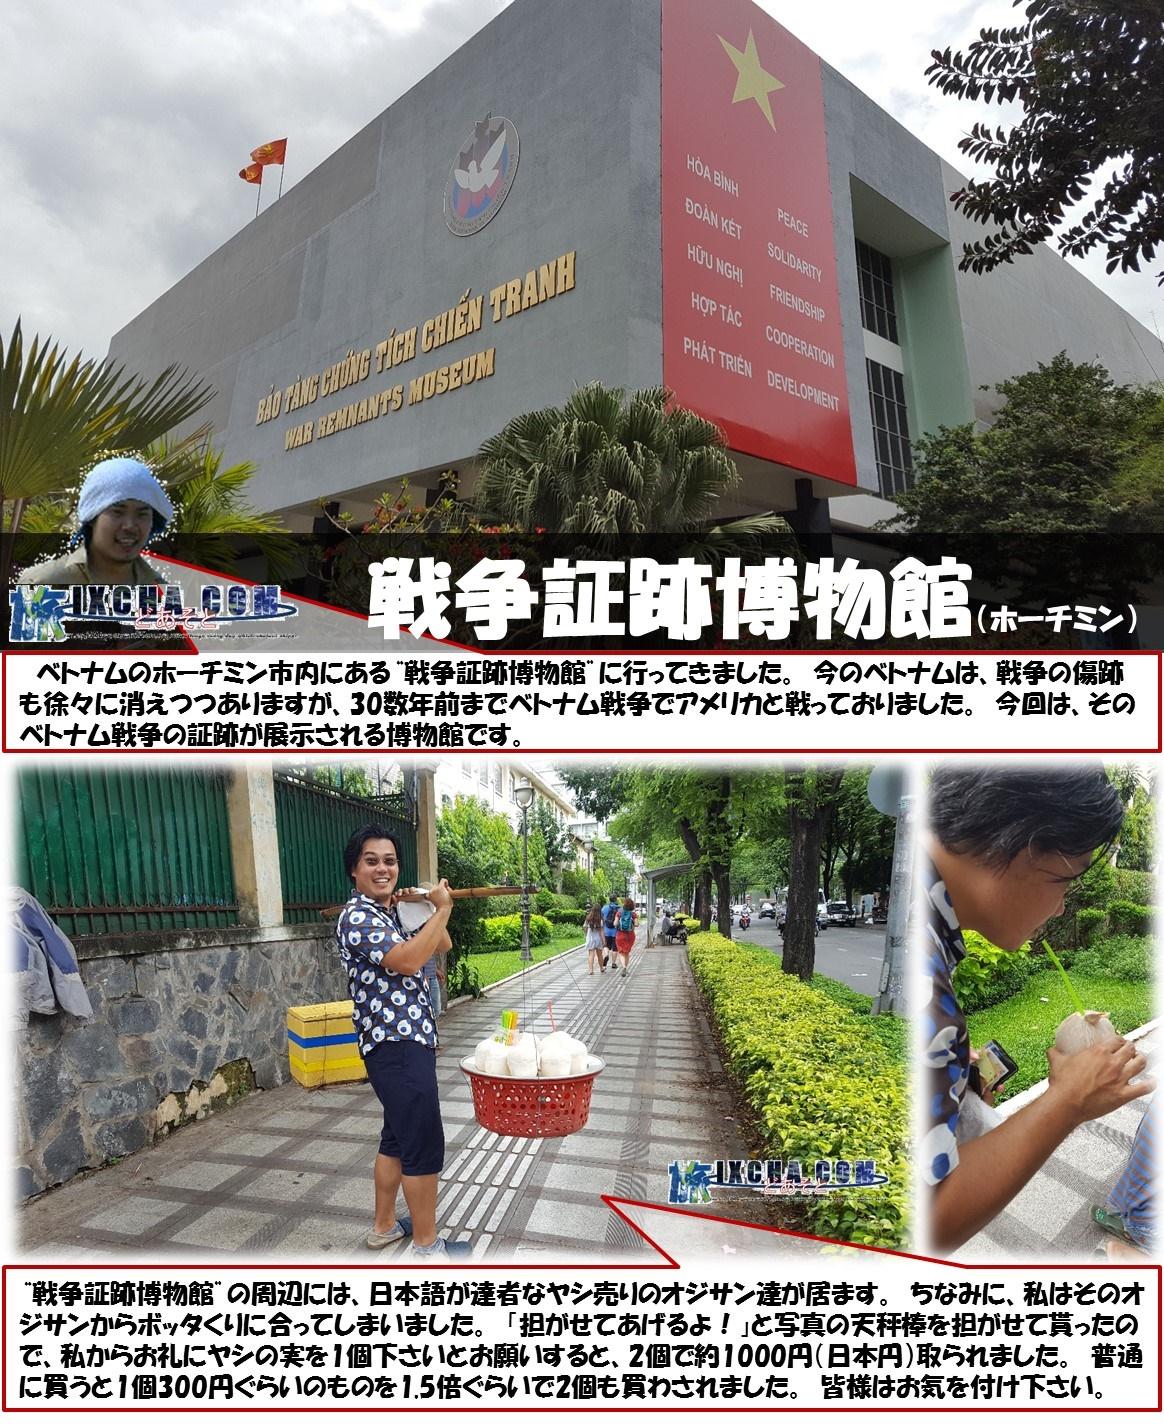 """戦争証跡博物館(ホーチミン) ベトナムのホーチミン市内にある""""戦争証跡博物館""""に行ってきました。 今のベトナムは、戦争の傷跡も徐々に消えつつありますが、30数年前までベトナム戦争でアメリカと戦っておりました。 今回は、そのベトナム戦争の証跡が展示される博物館です。 """"戦争証跡博物館""""の周辺には、日本語が達者なヤシ売りのオジサン達が居ます。 ちなみに、私はそのオジサンからボッタくりに合ってしまいました。 「担がせてあげるよ!」と写真の天秤棒を担がせて貰ったので、私からお礼にヤシの実を1個下さいとお願いすると、2個で約1000円(日本円)取られました。 普通に買うと1個300円ぐらいのものを1.5倍ぐらいで2個も買わされました。 皆様はお気を付け下さい。"""